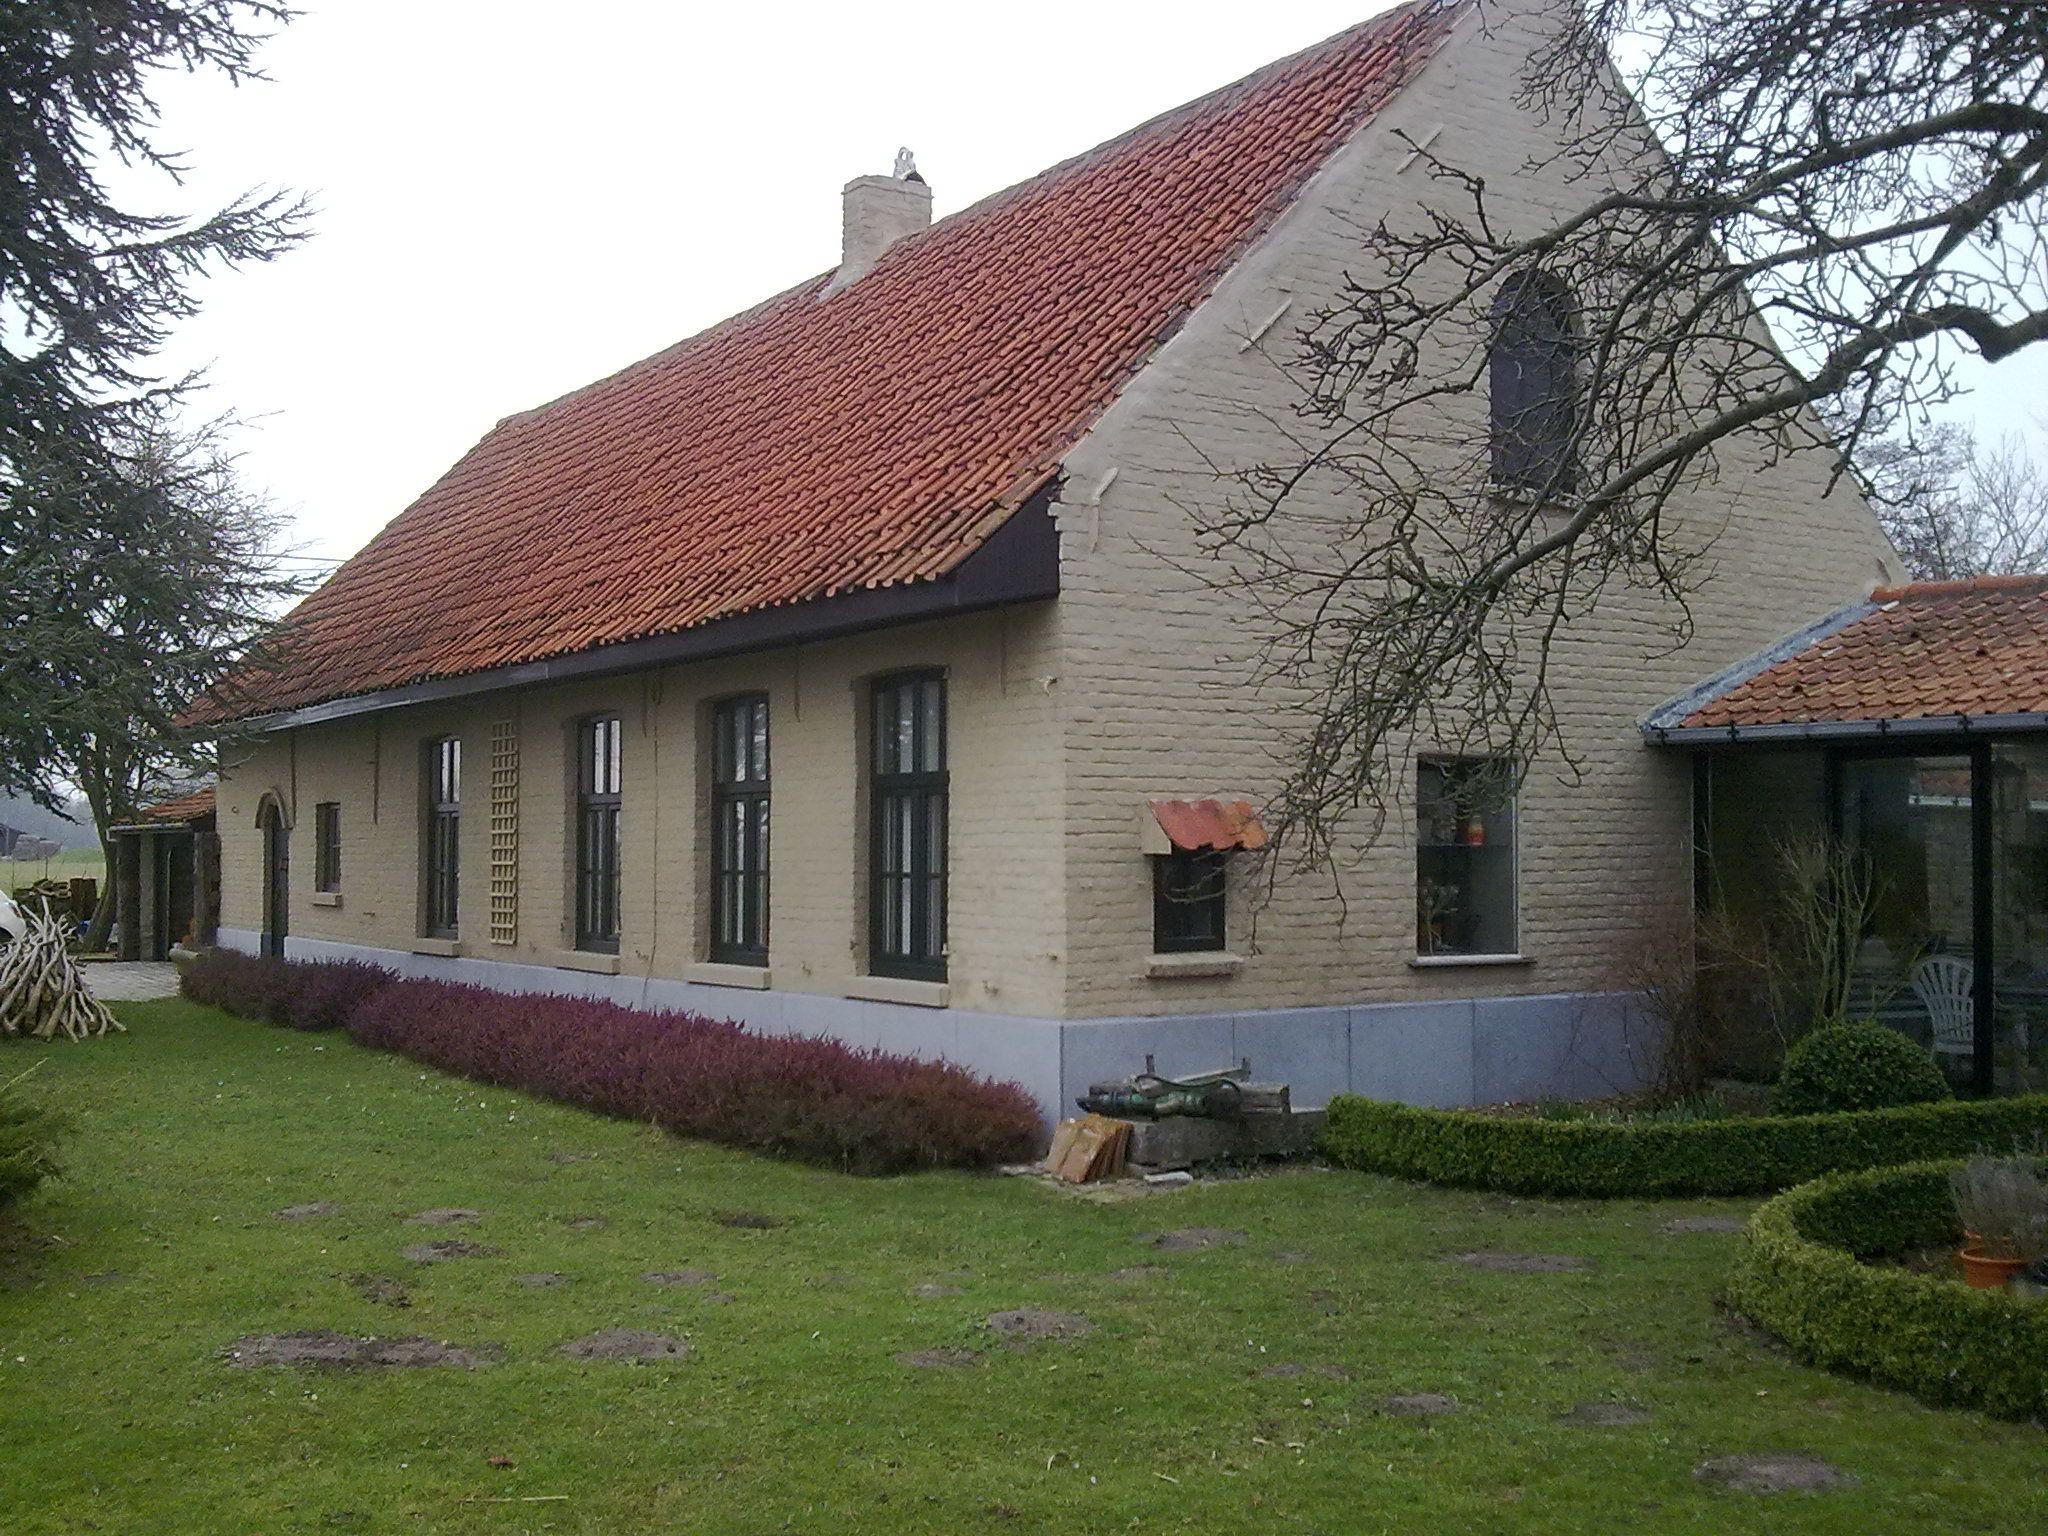 Totale renovatie van een oude hoeve in het meetjesland deze klus omvatte het renoveren en for Huis voor na exterieur renovaties